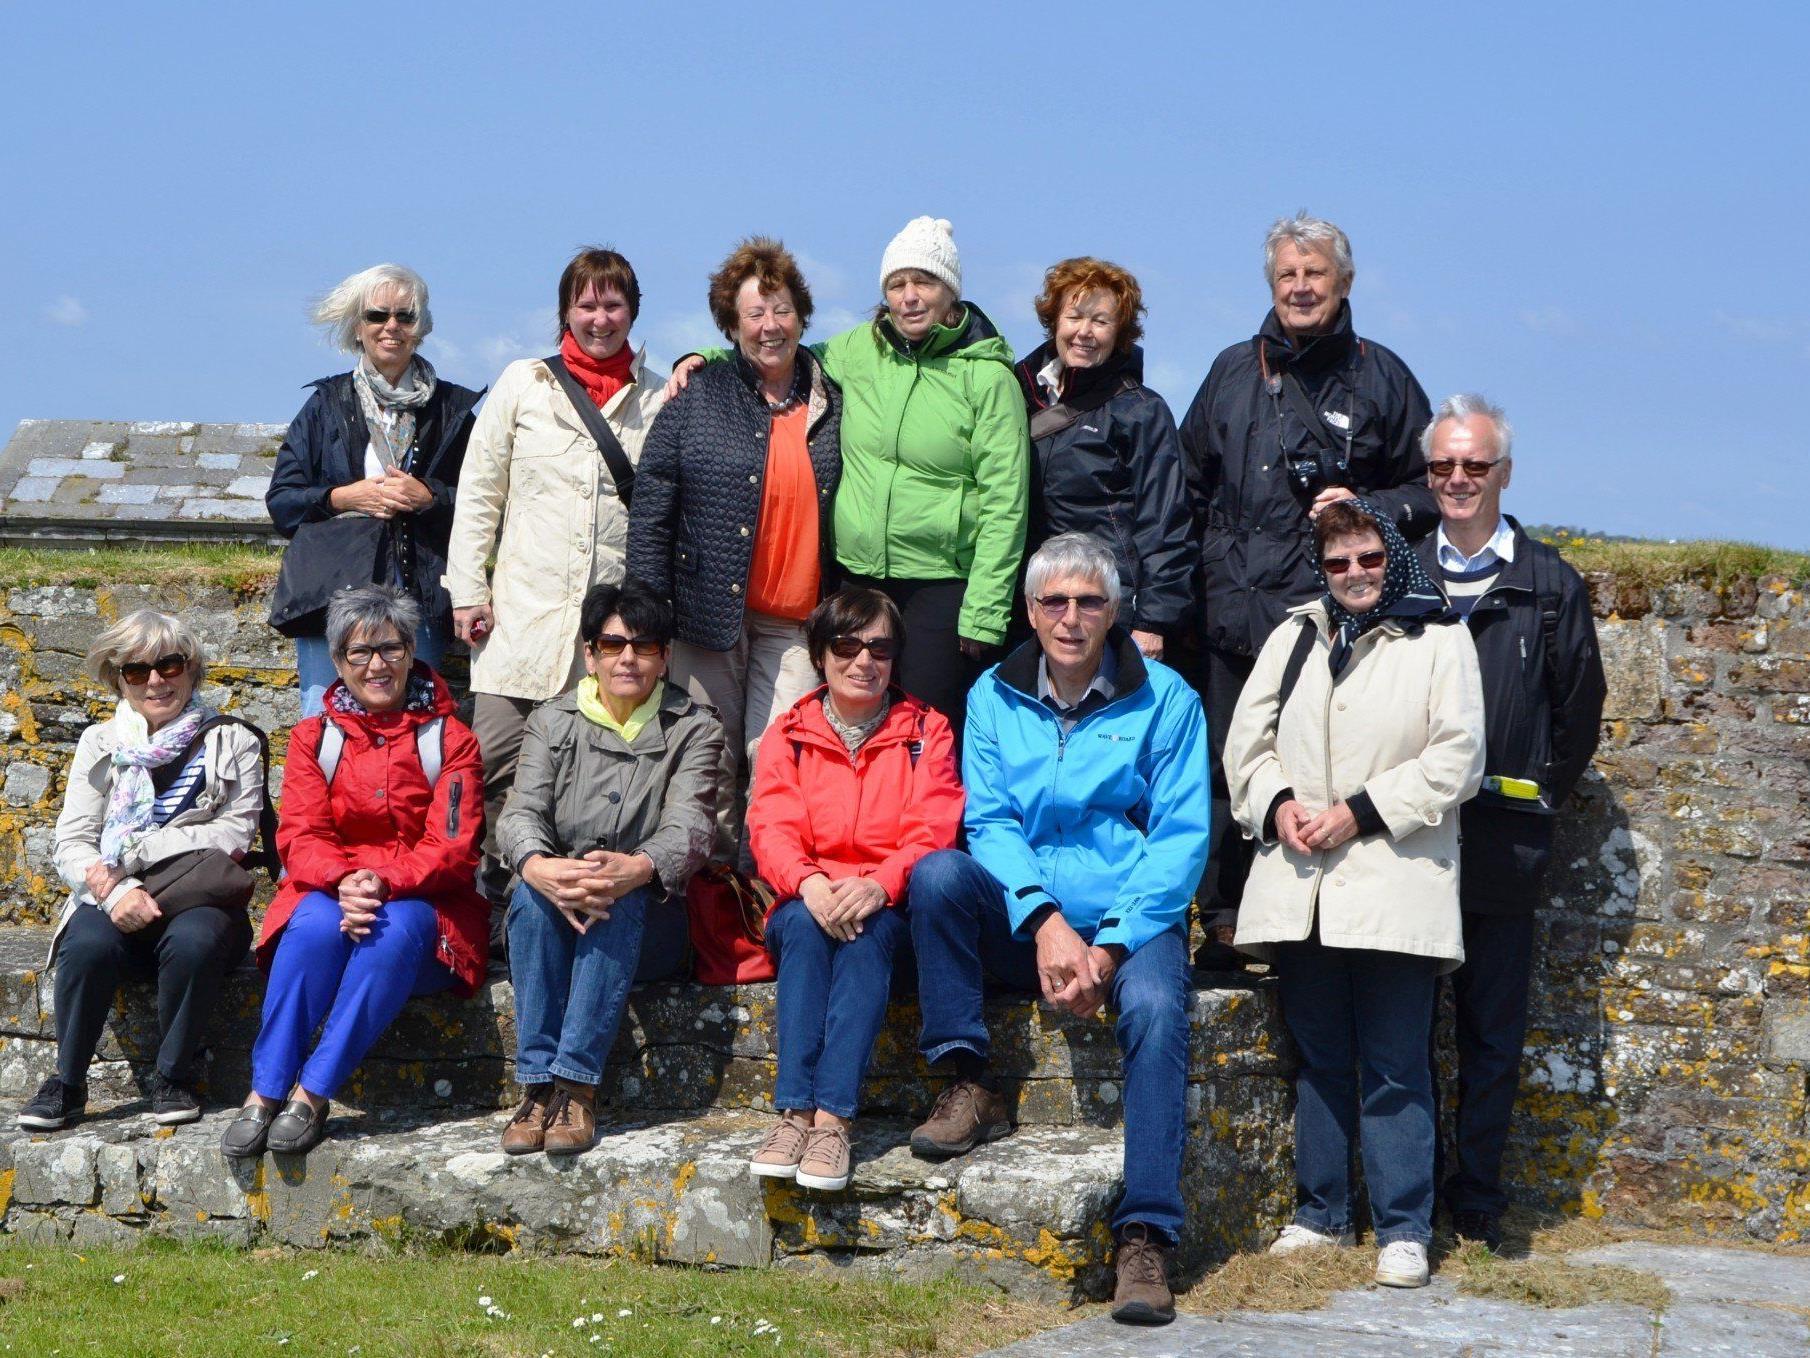 Die Teilnehmerinnen des Lochauer Englischkurses der VHS Bregenz mit der Kursleiterin Gertraud Albrecht auf Irlandreise.